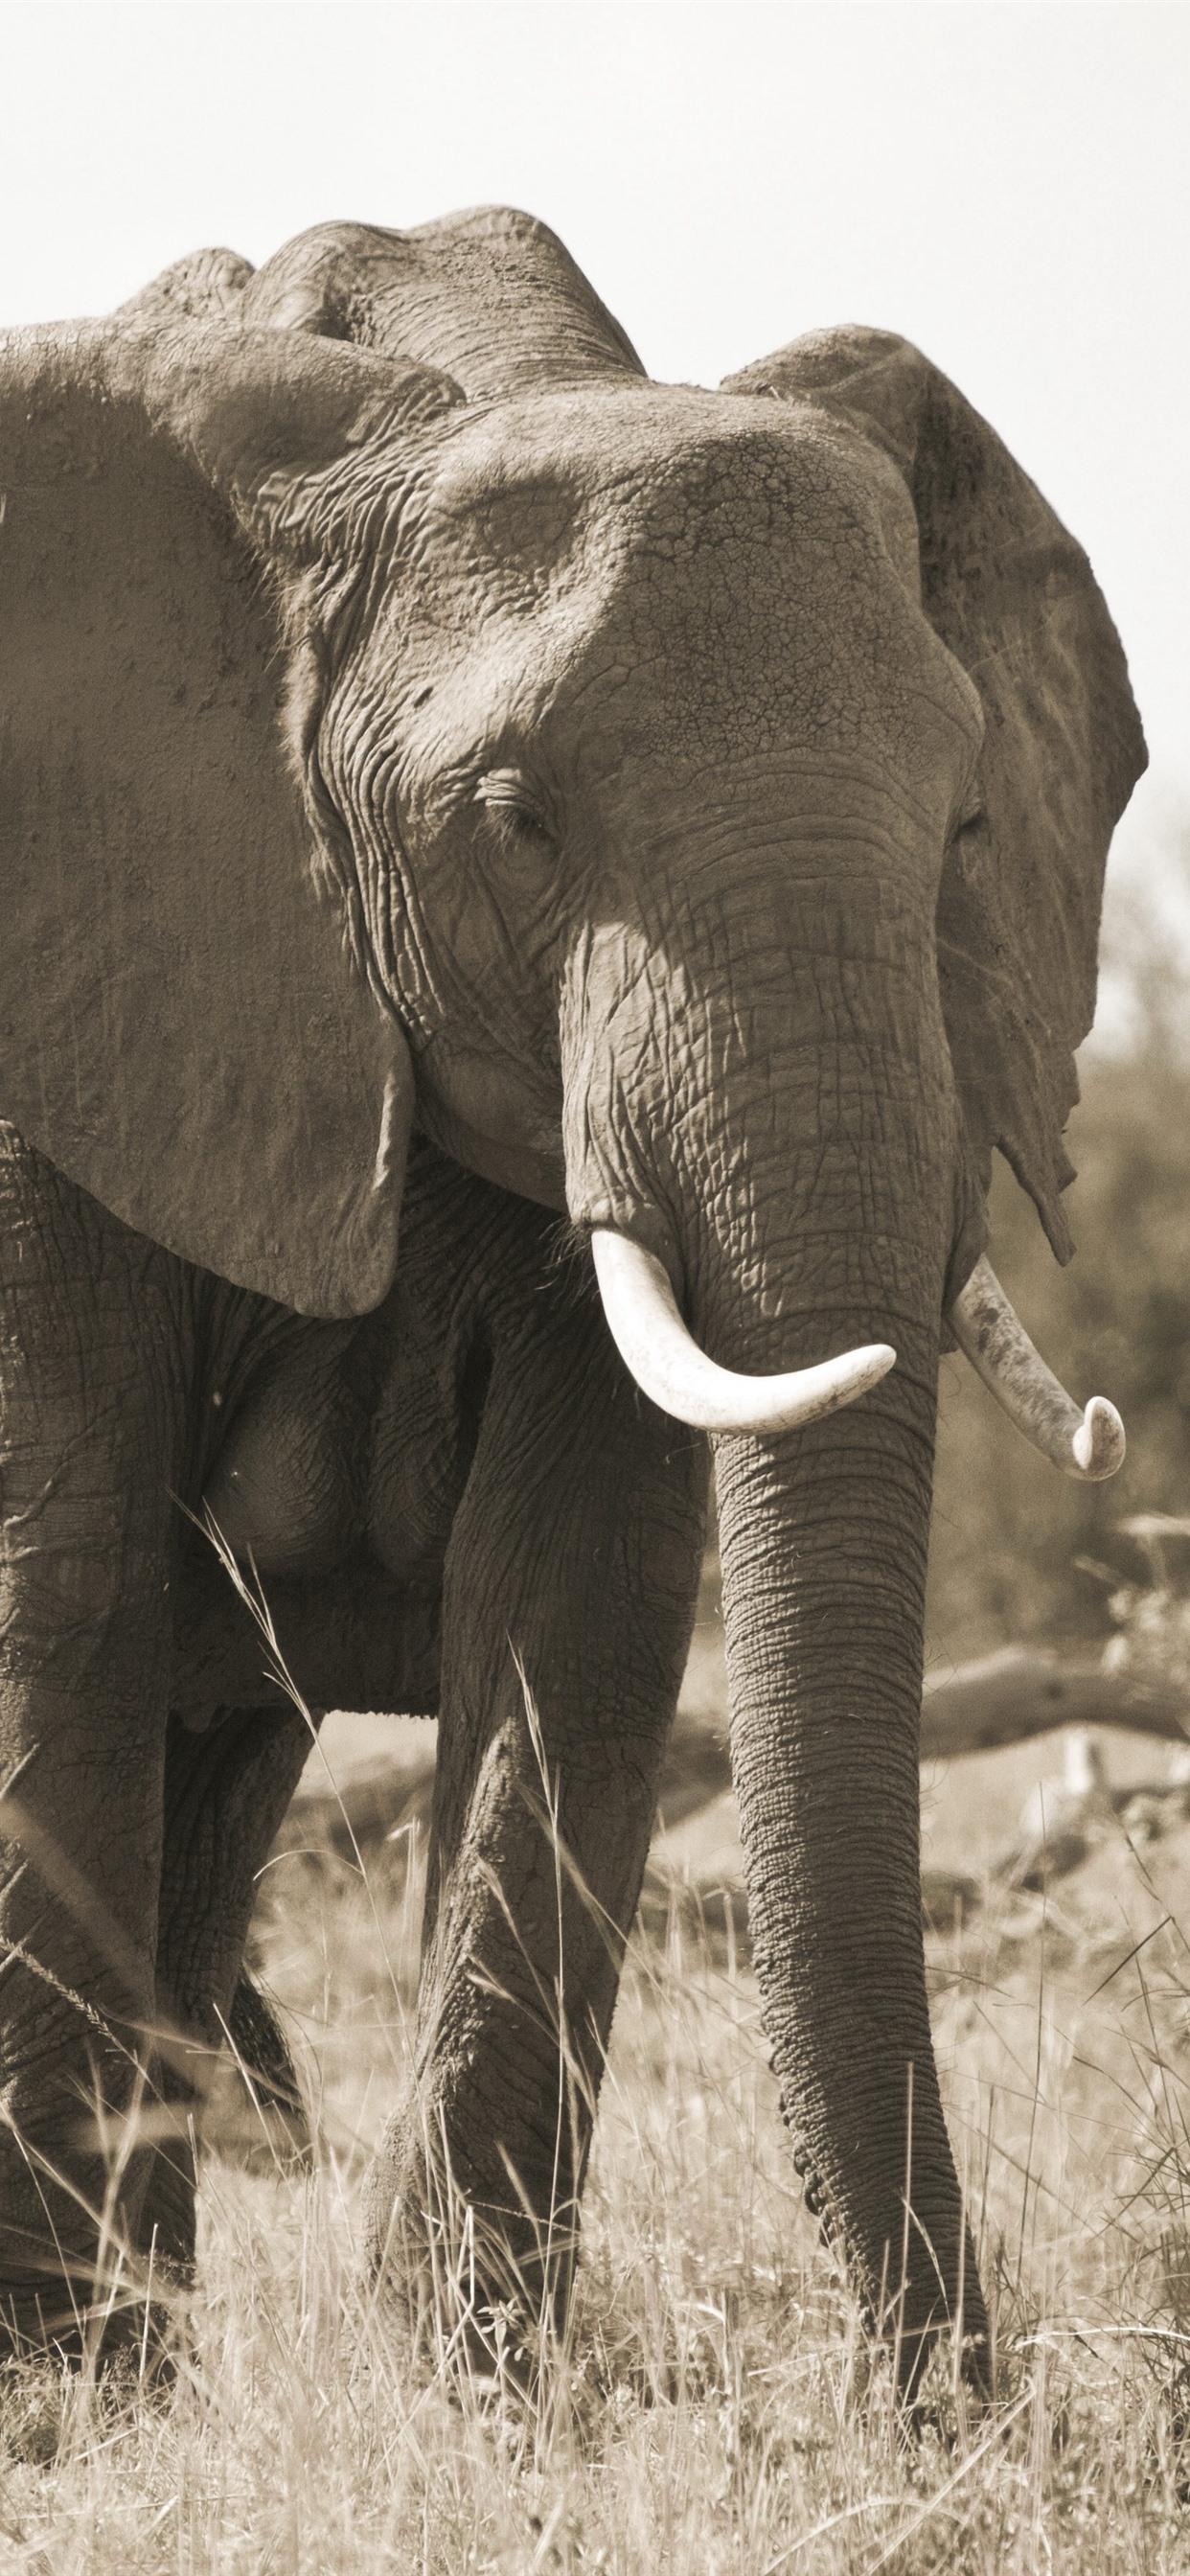 Elefant Wallpaper iPhone   Elefantentapete   21x21   WallpaperTip